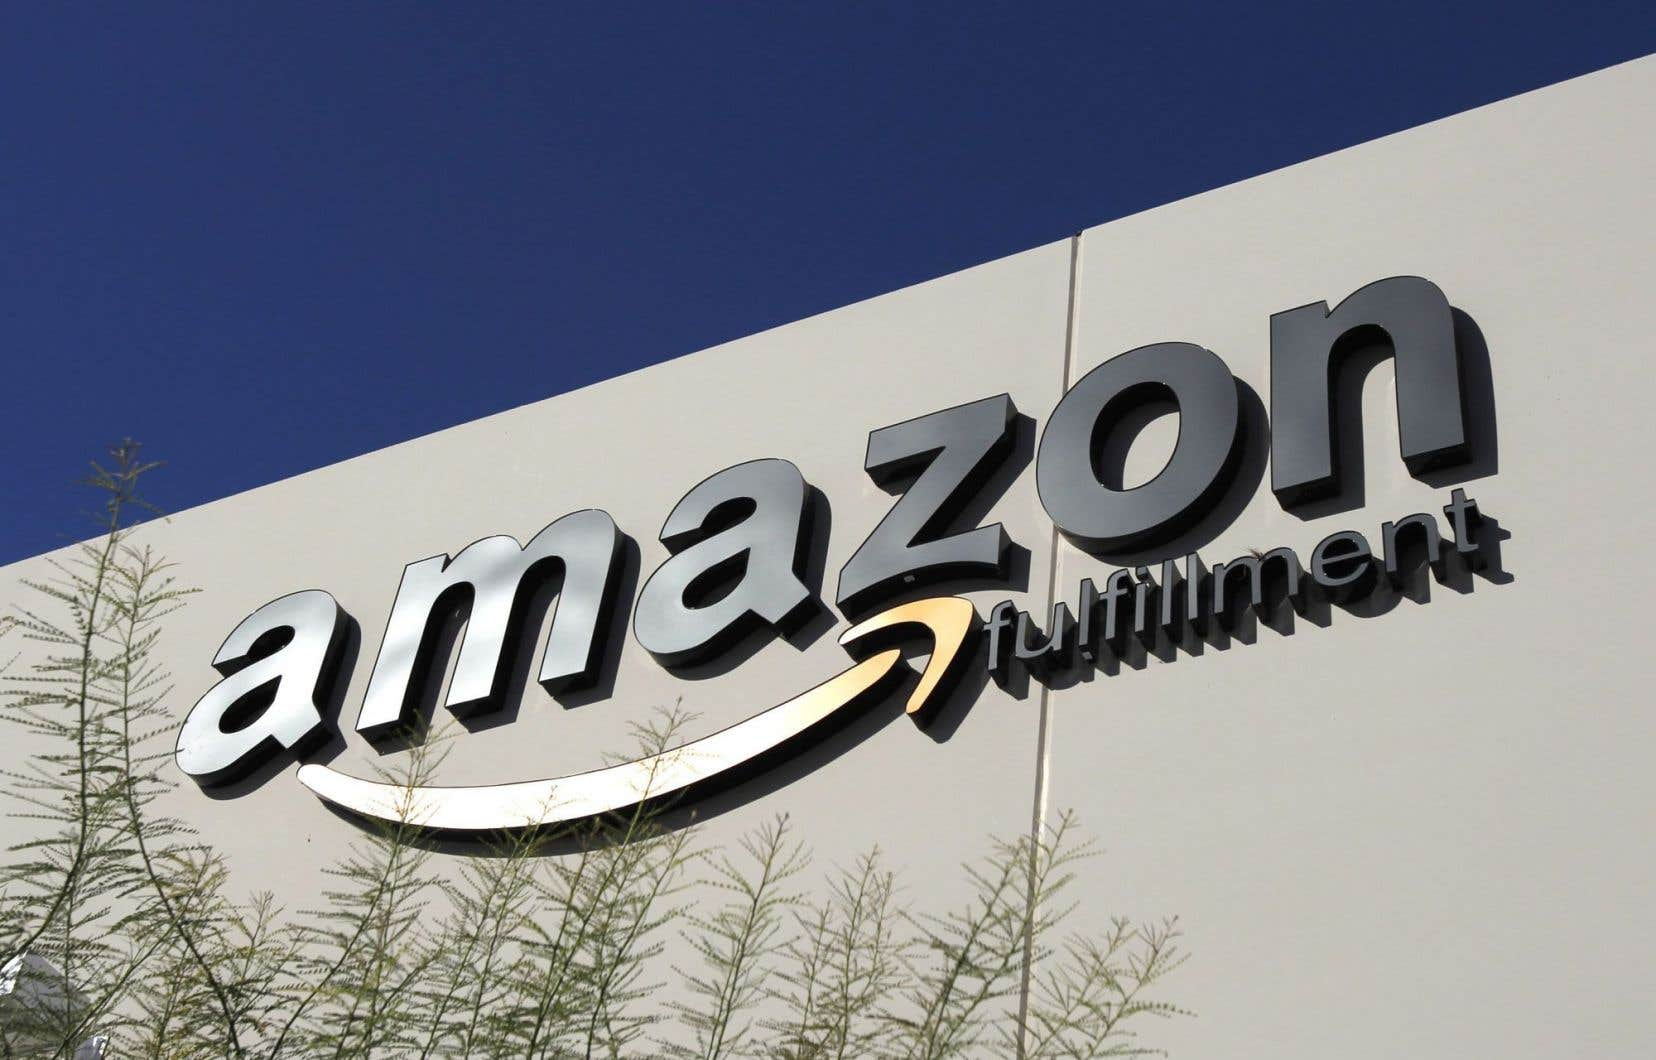 Amazon a élargi ses opérations dans des domaines tels que l'informatique dématérialisé et la vidéo en streaming, où il essaie de rivaliser avec Netflix.